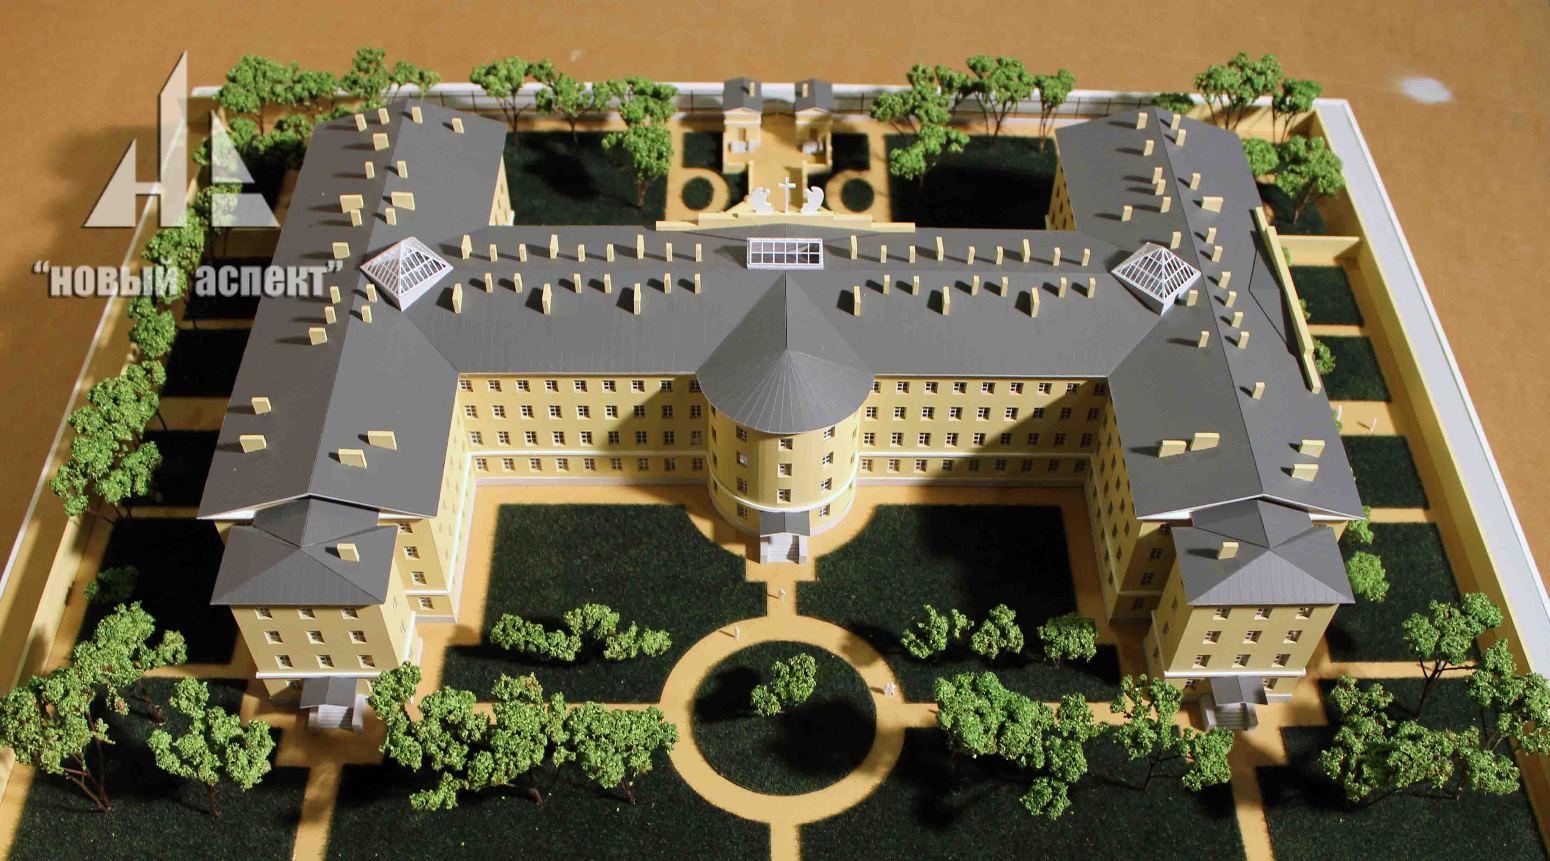 Макеты общественных зданий, Больница Пряжка (2)